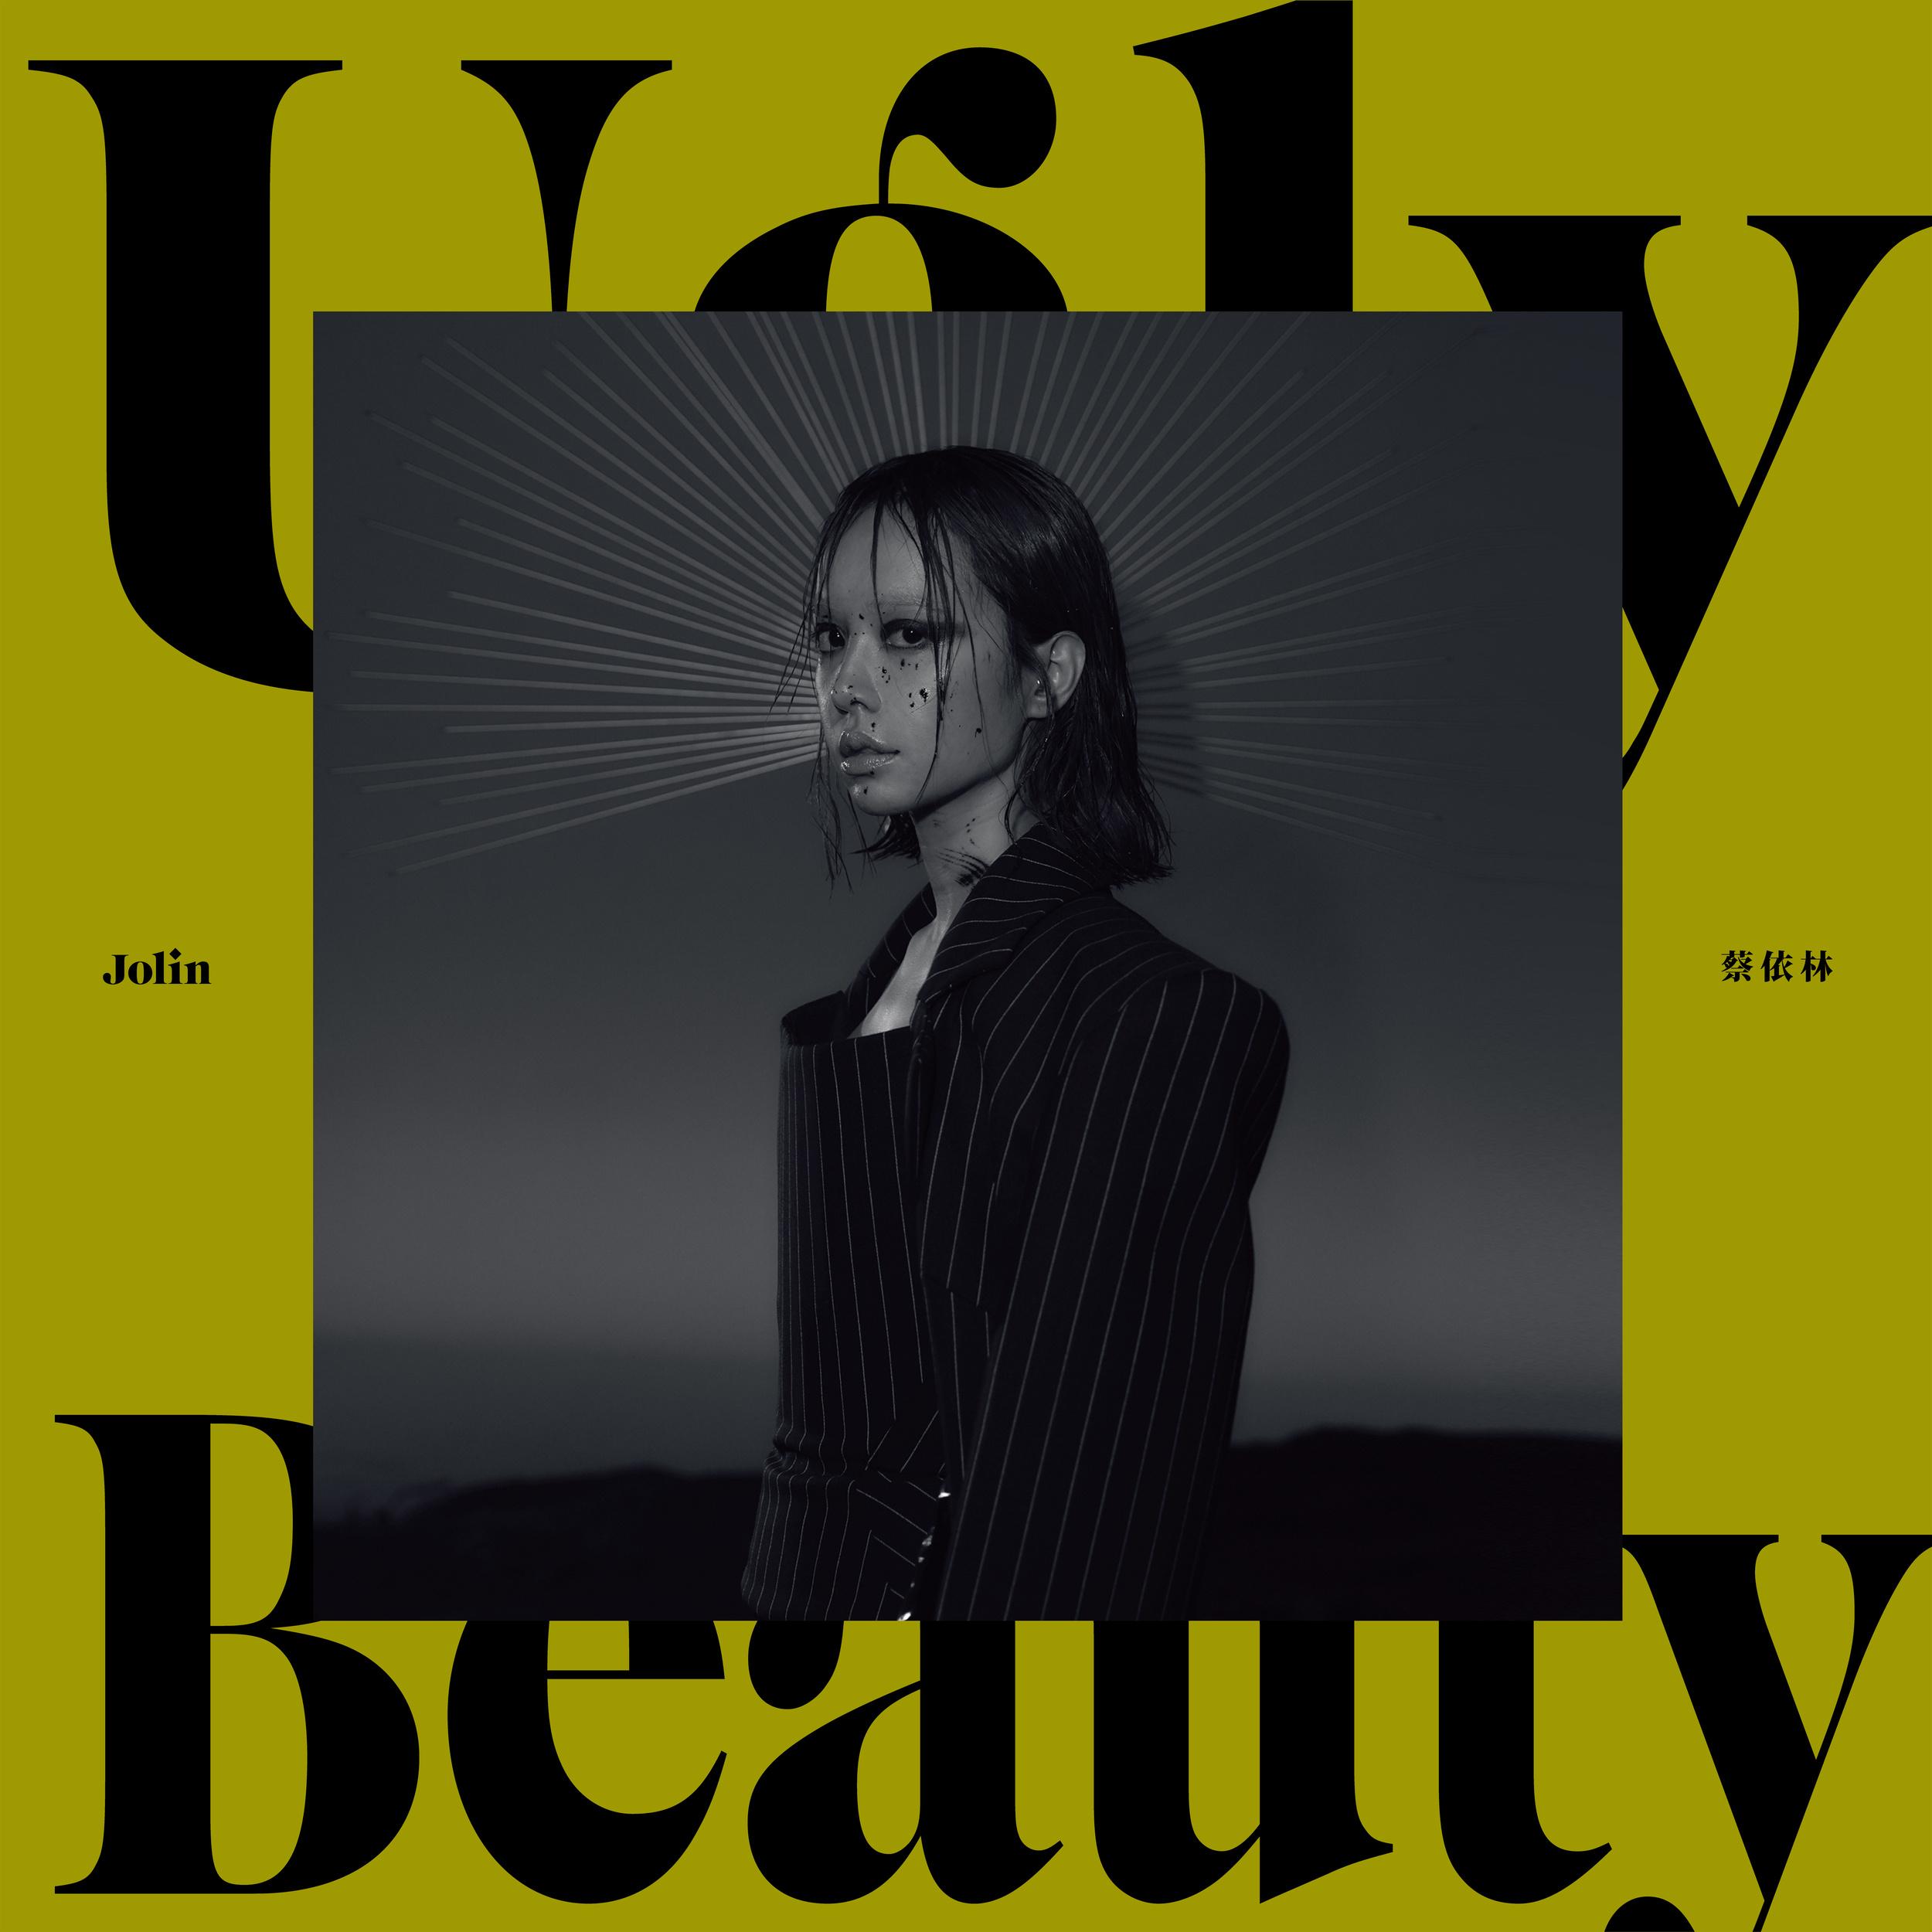 蔡依林 Ugly Beauty Album Art Cover